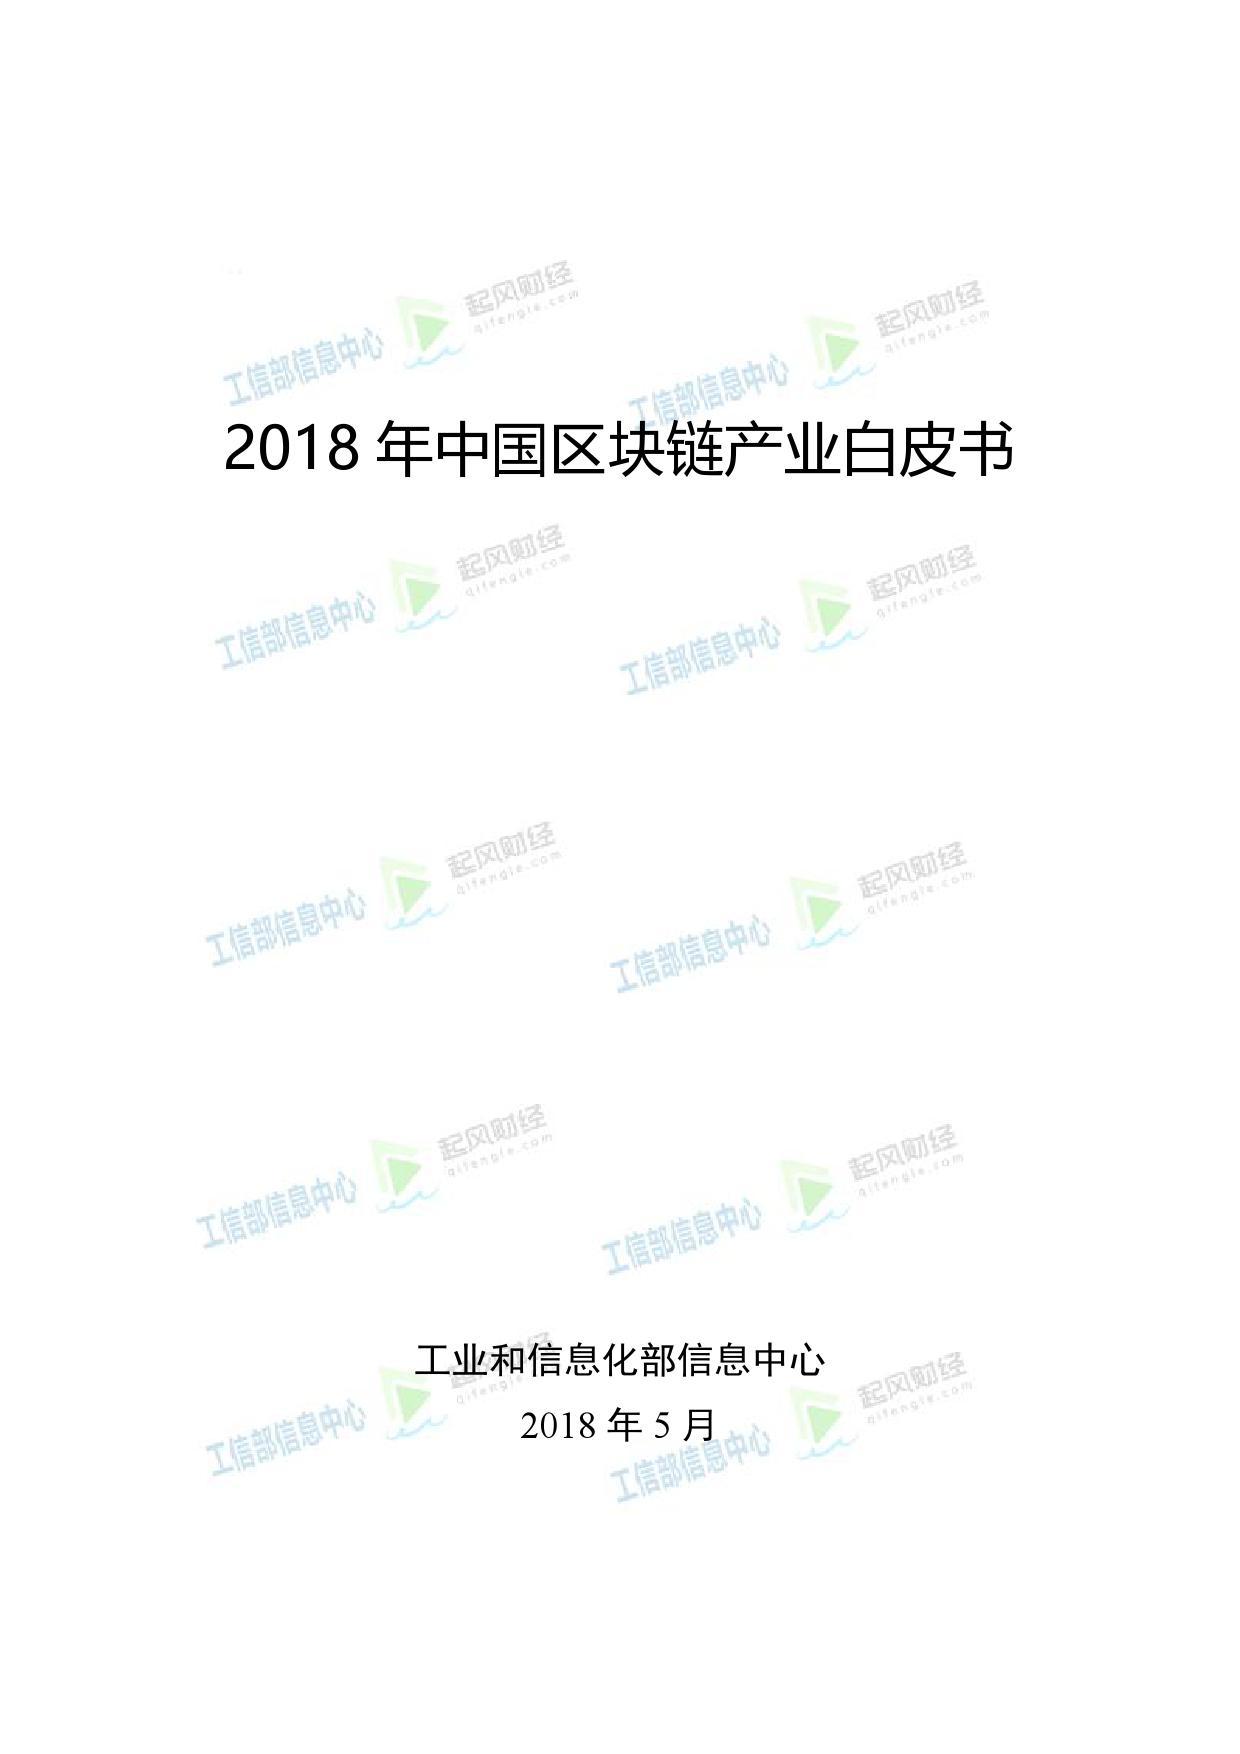 工信部:2018中国区块链产业白皮书(附下载)